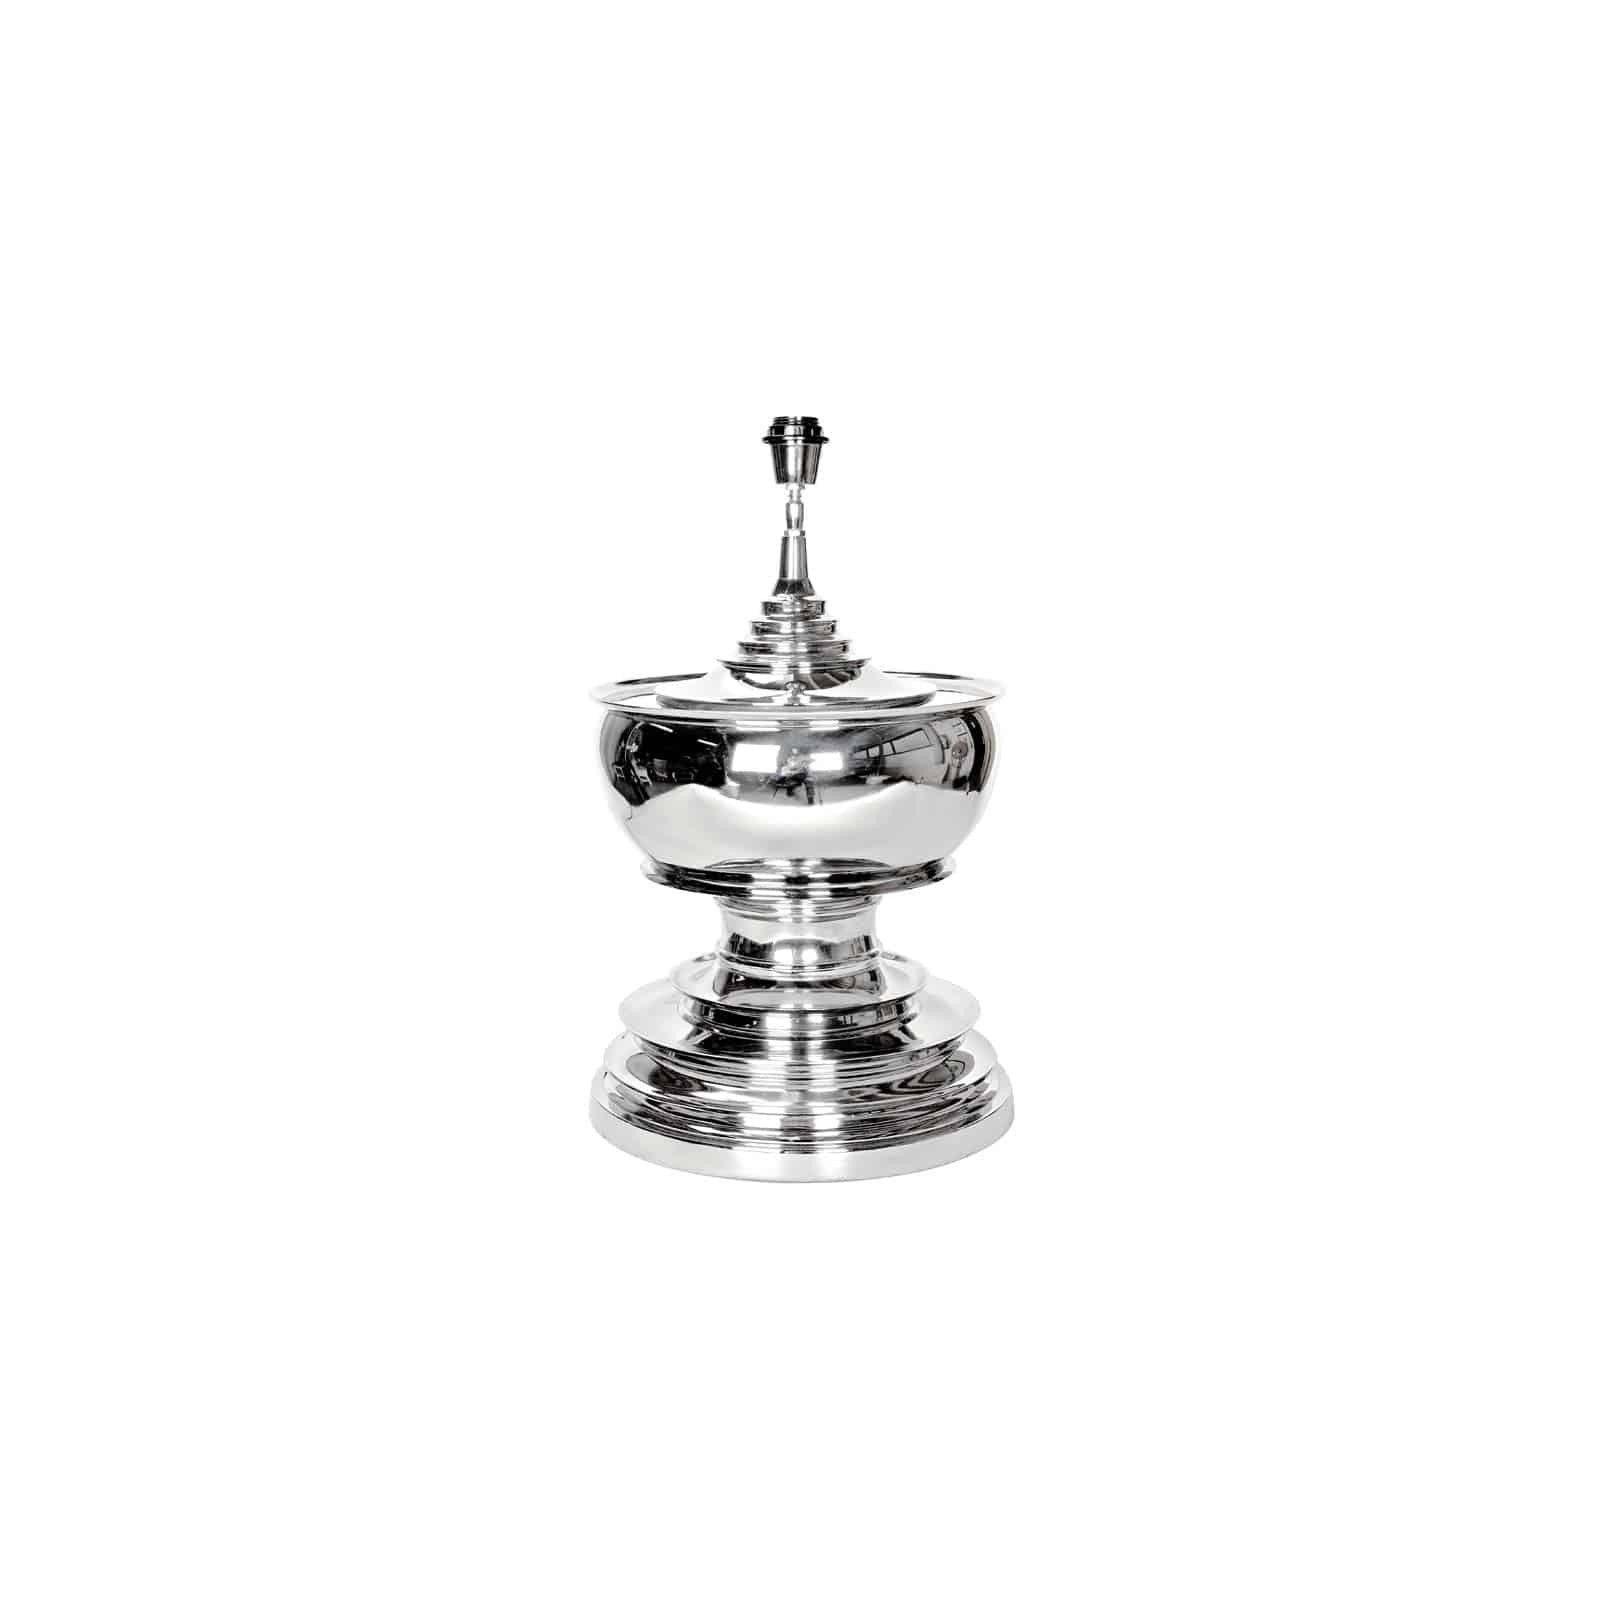 Lampe de table Soul aluminiumE27 / 60 watt Lampes - 31